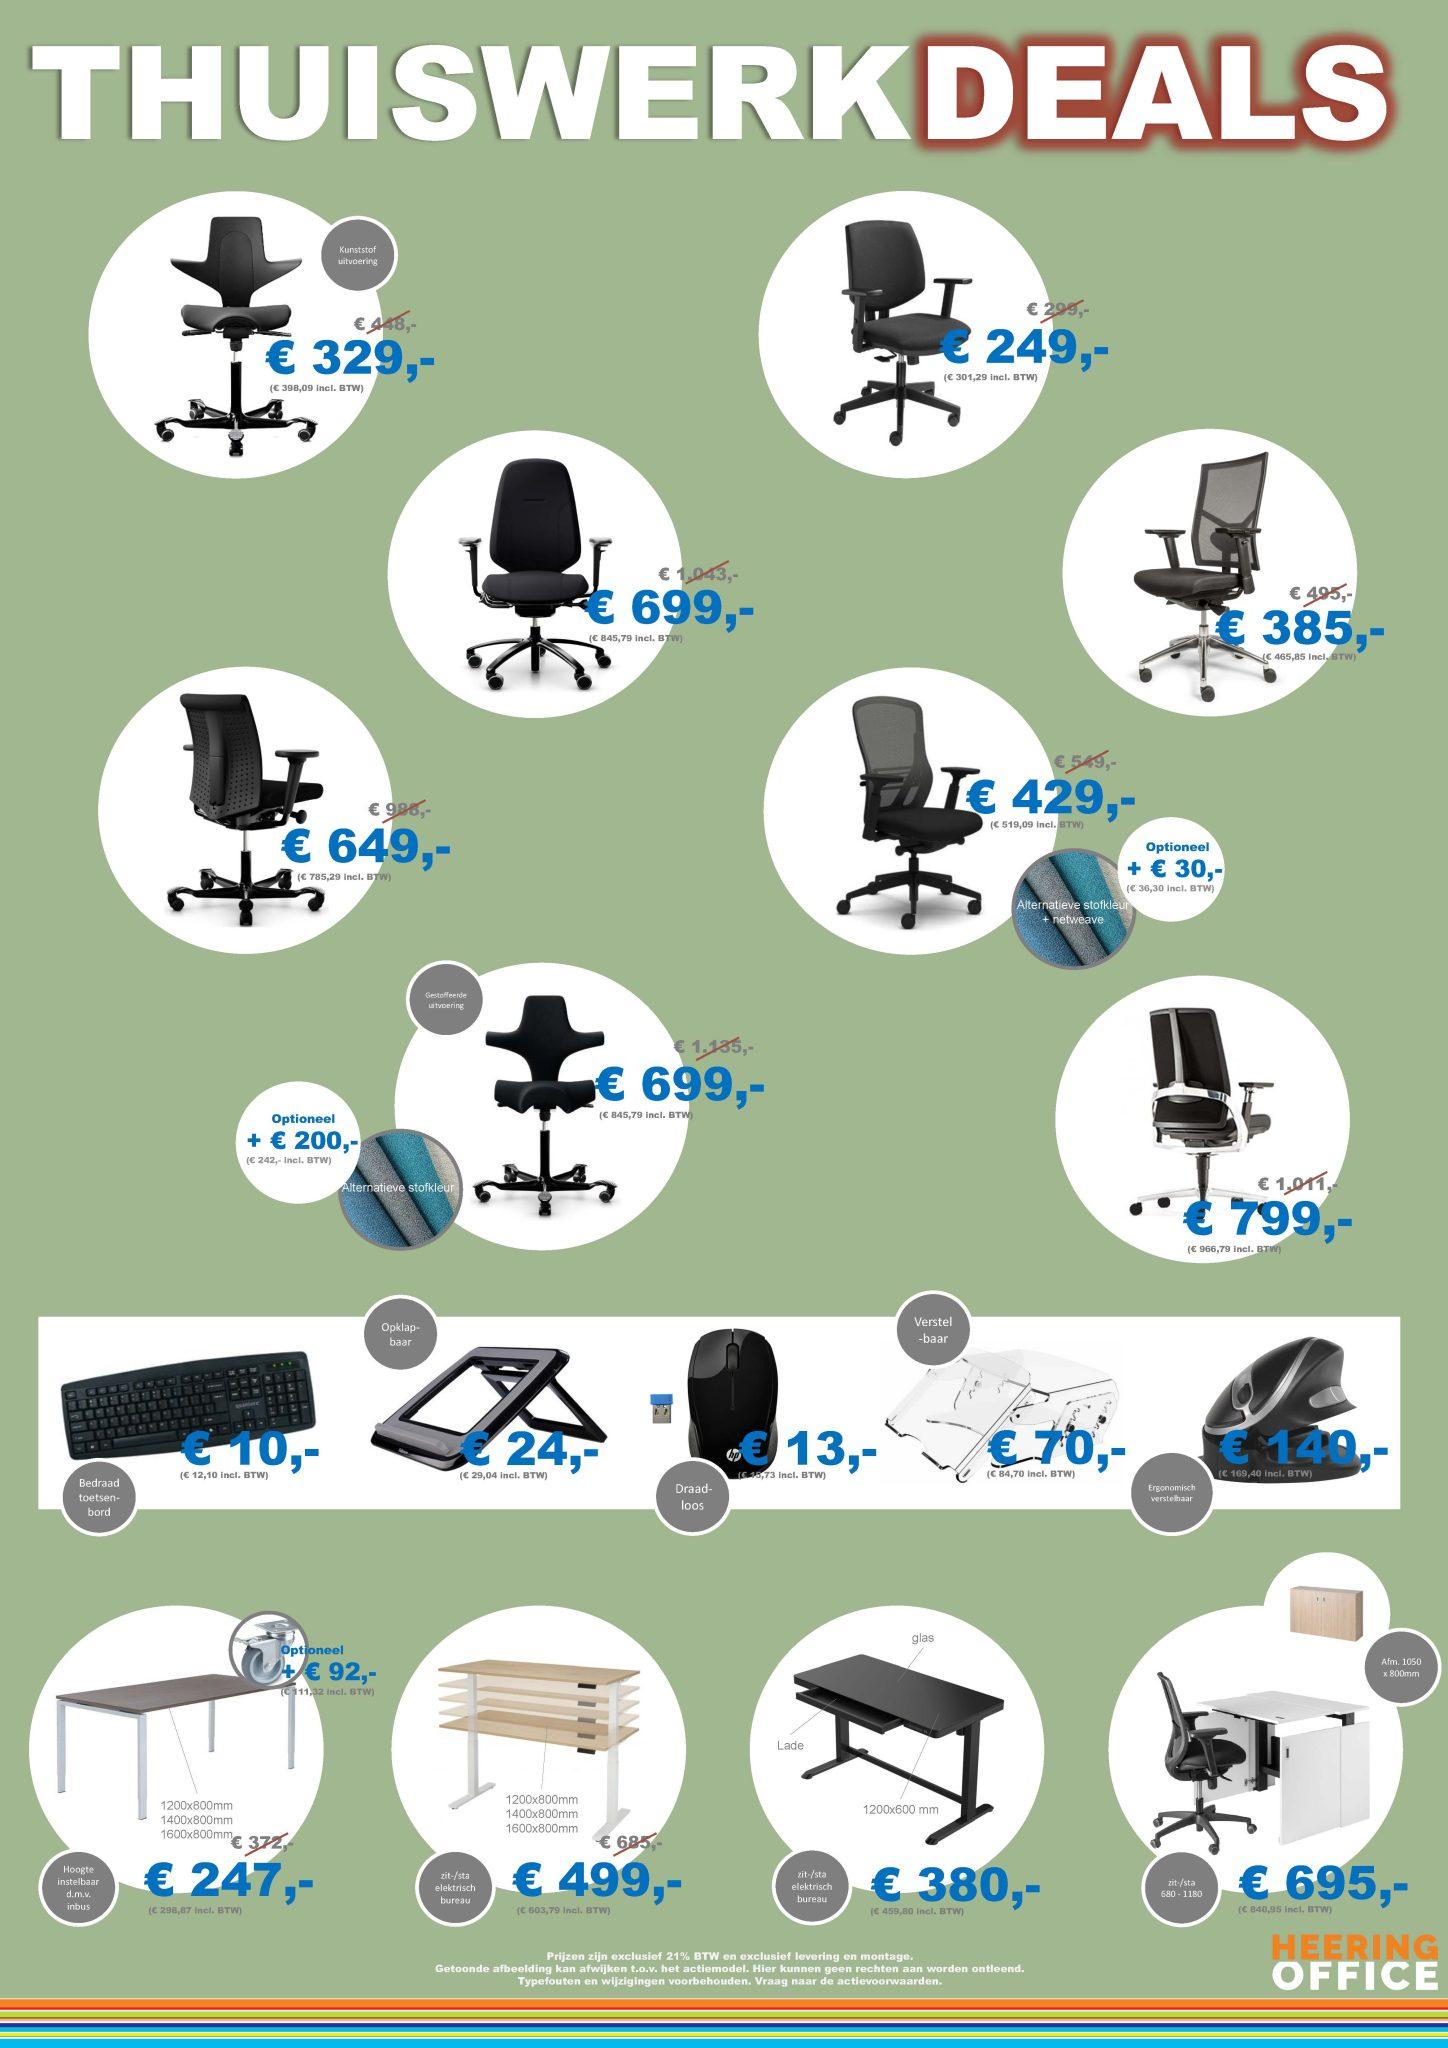 Thuiswerk deals Heering Office Den Haag